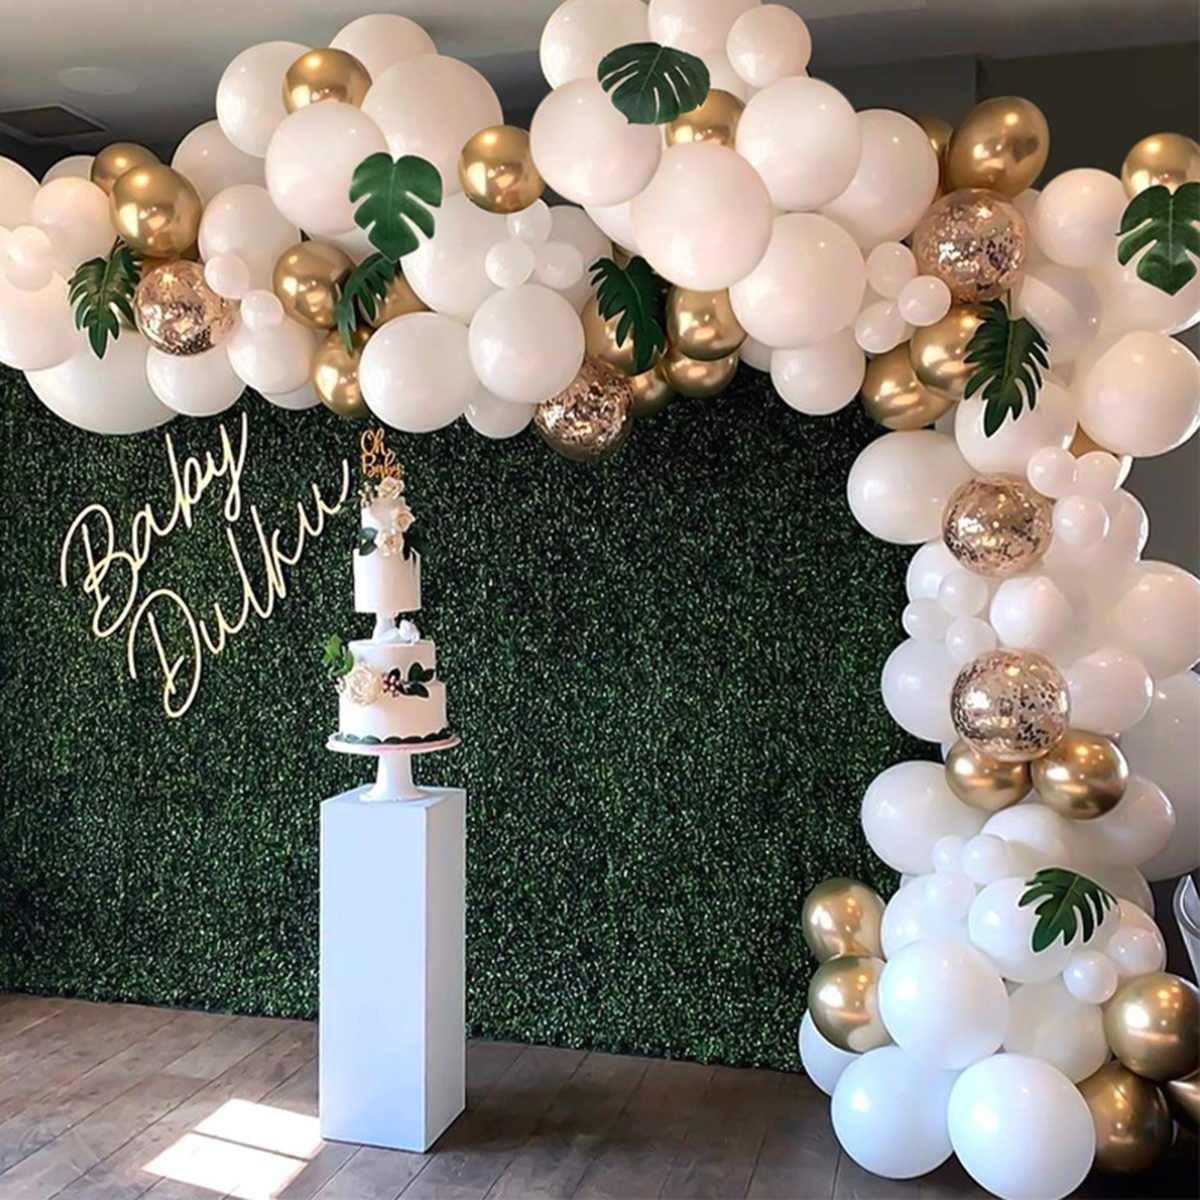 100pcs / Set Arche Jungle Party Tropical Thème Safari Ballon Latex Forêt Ballon Garland Set anniversaire douche hawaïenne Party Décor T200624